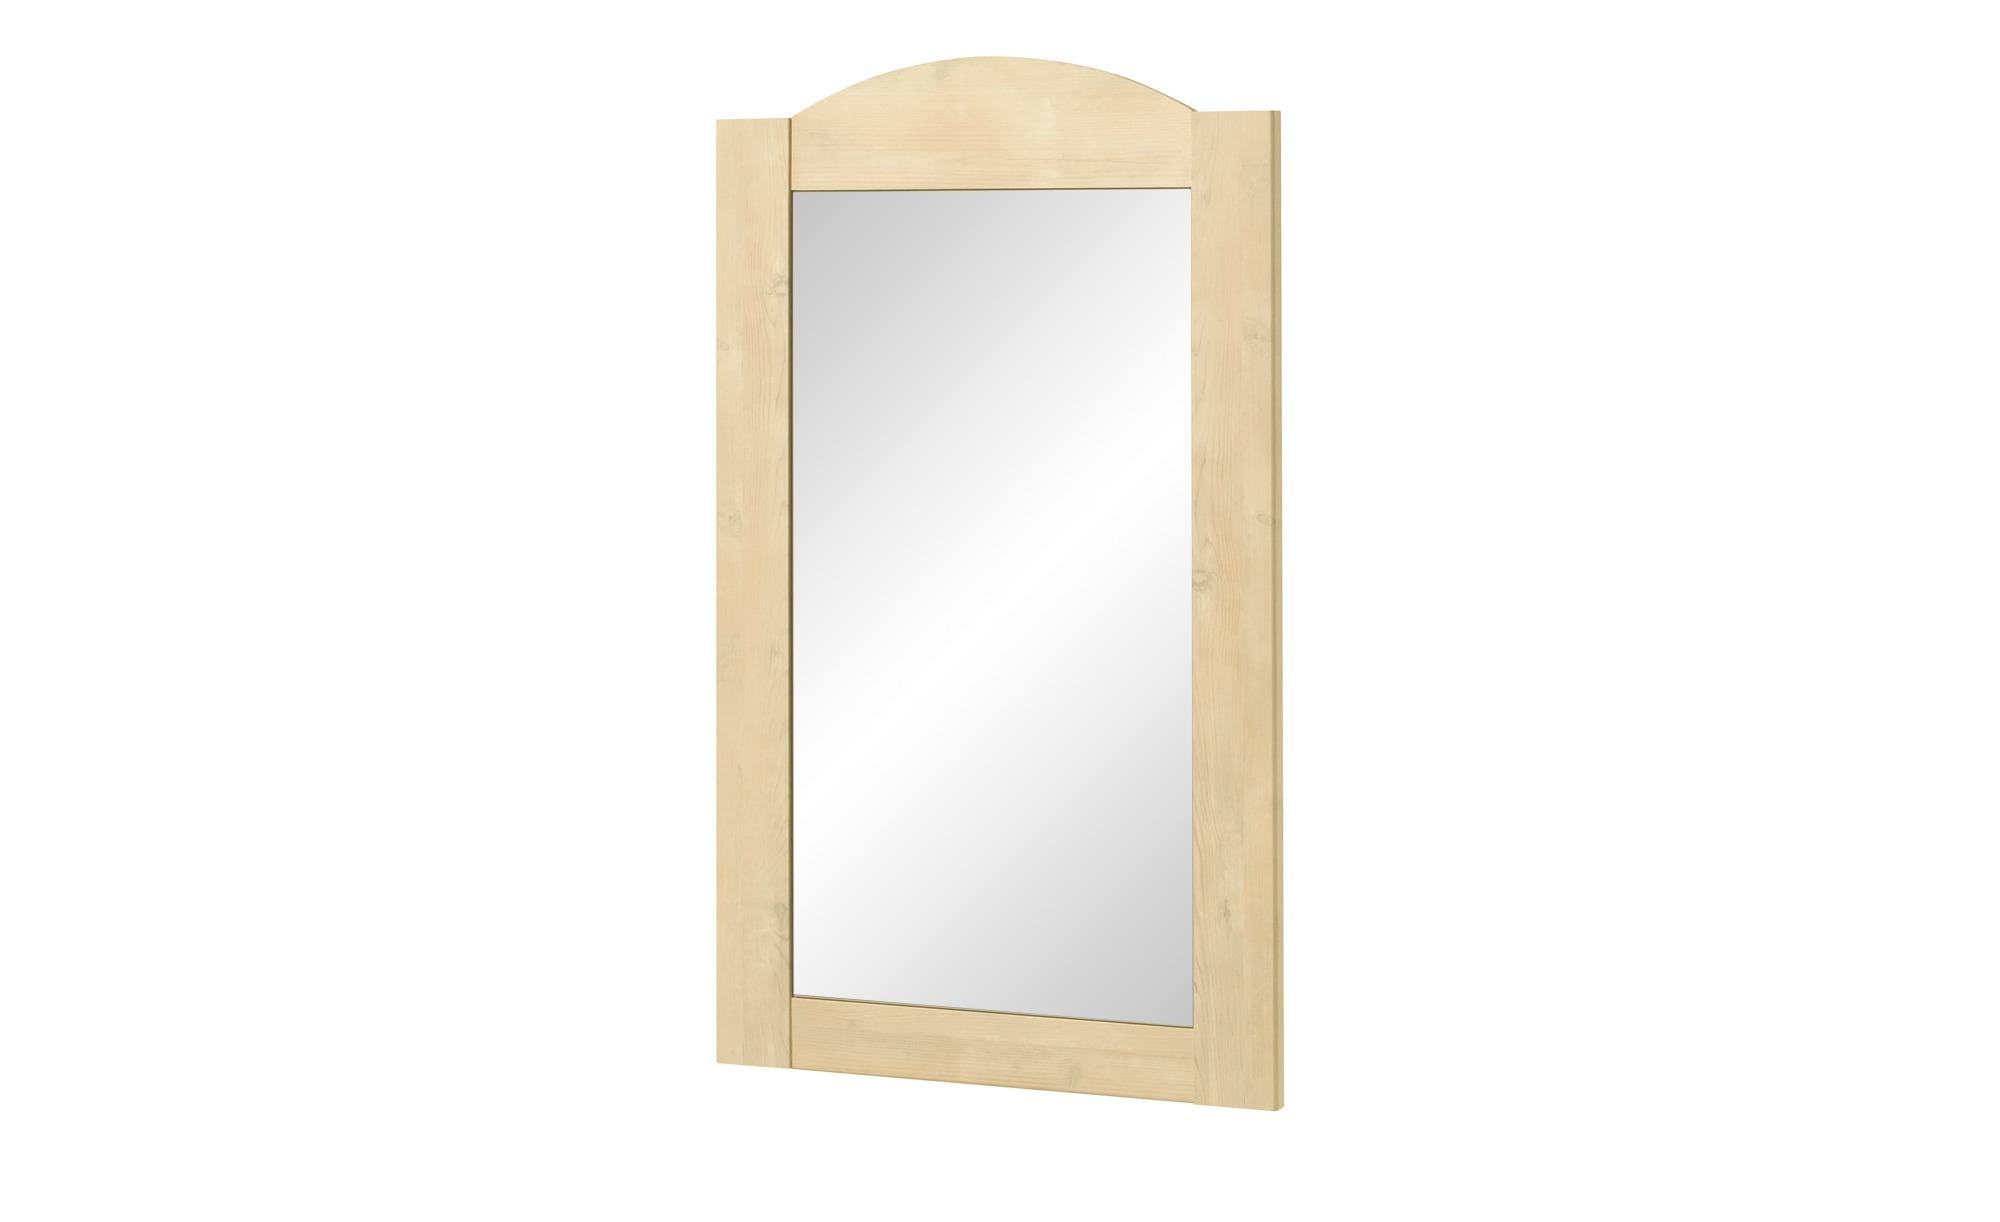 spiegel brixen breite 57 cm h he 98 cm holzfarben online kaufen bei woonio. Black Bedroom Furniture Sets. Home Design Ideas